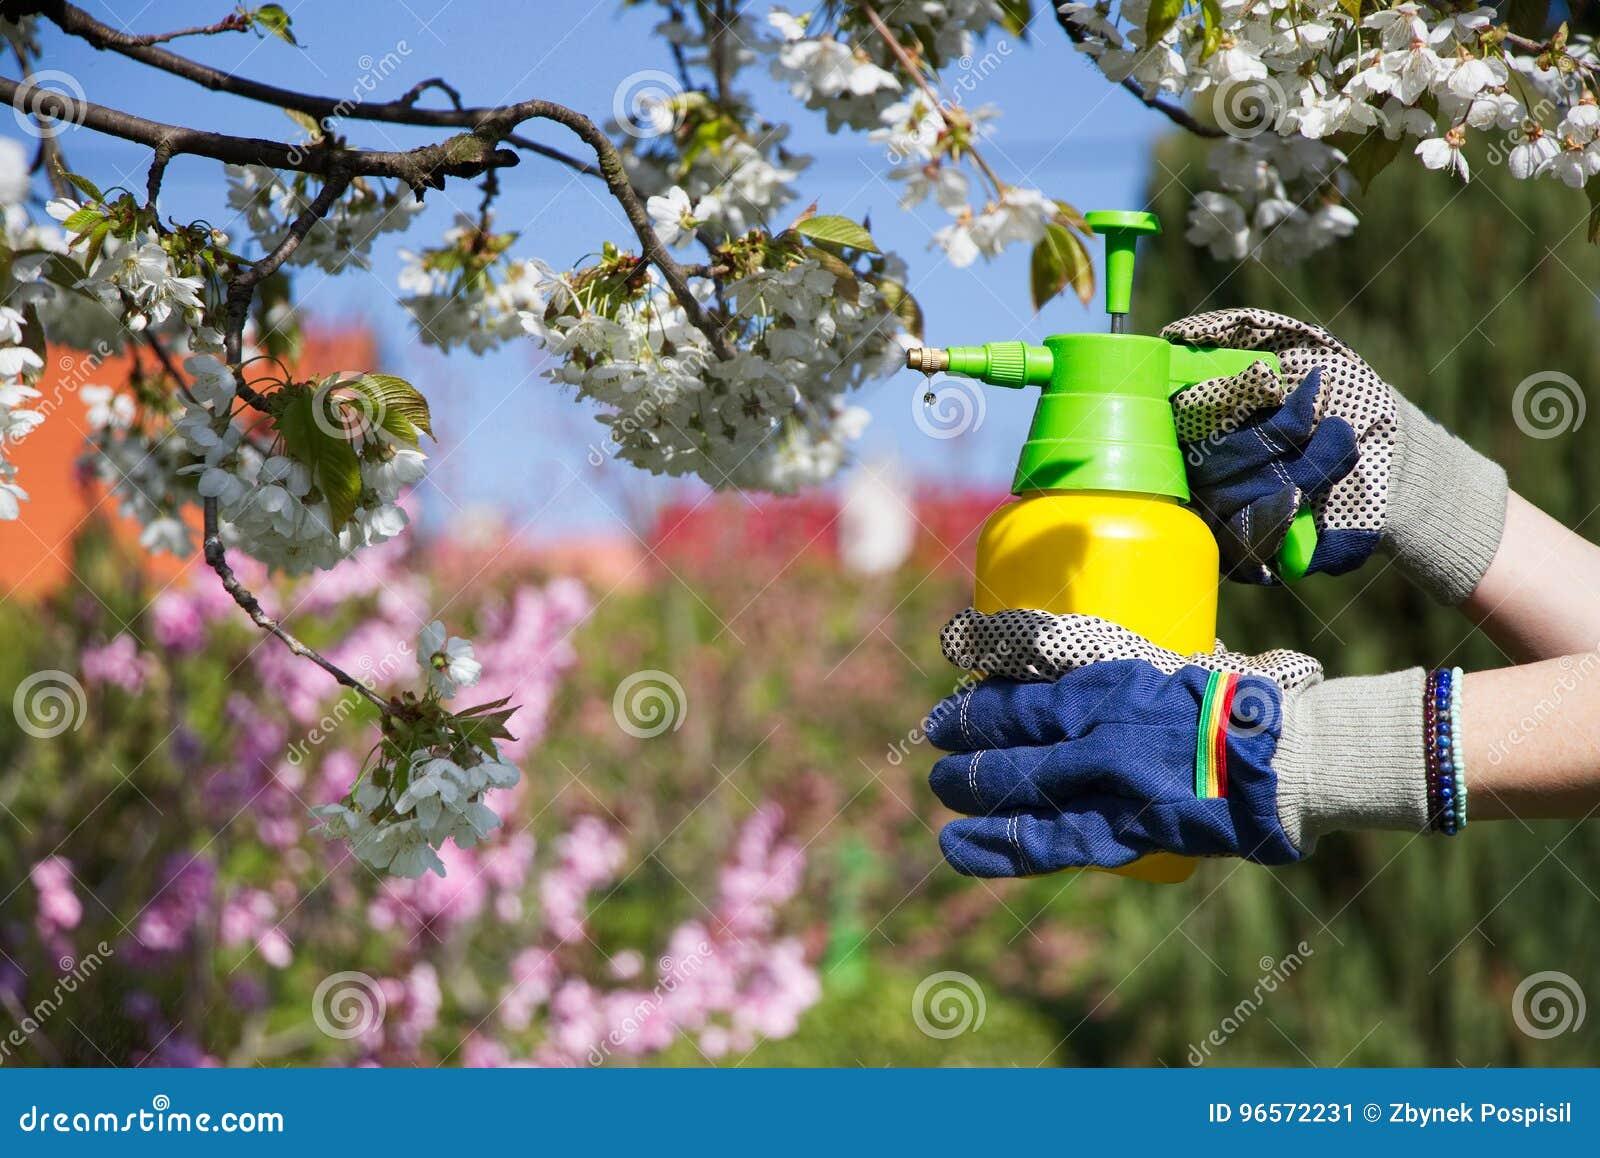 Benutzen Sie Handsprüher mit Schädlingsbekämpfungsmitteln im Garten